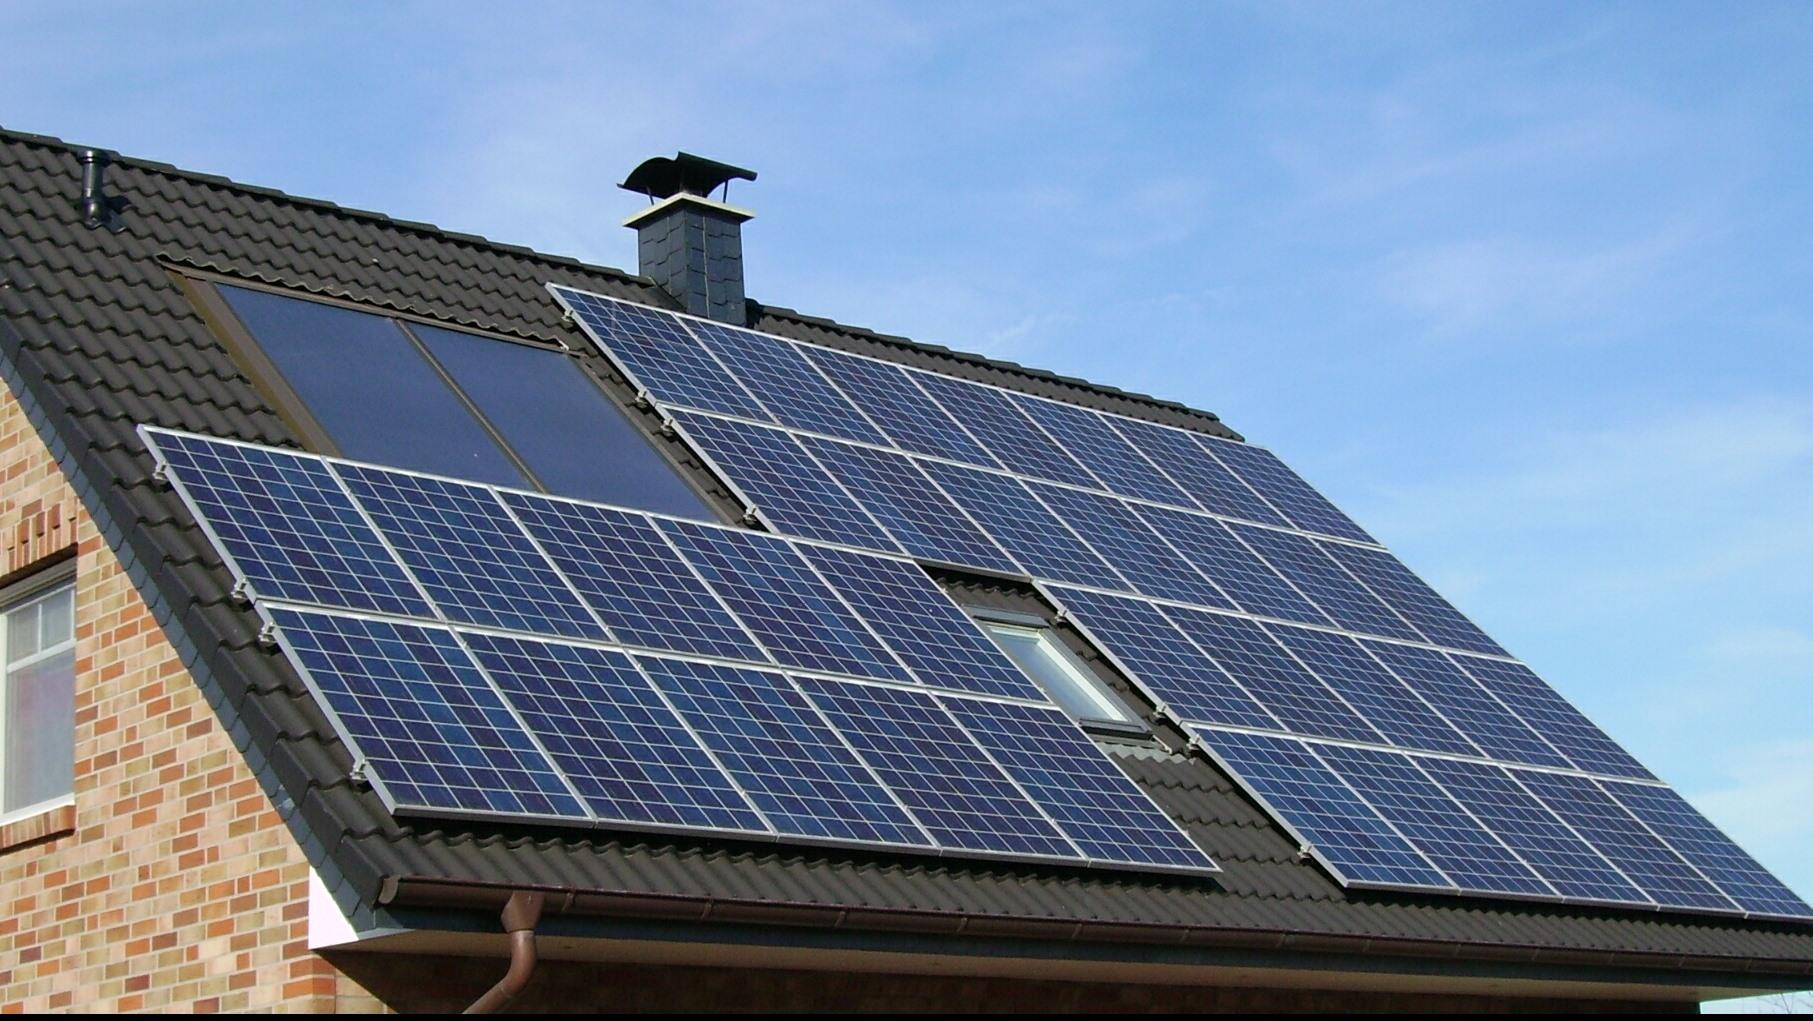 Programul privind instalarea de sisteme fotovoltaice pentru gospodăriile izolate neracordate la rețea